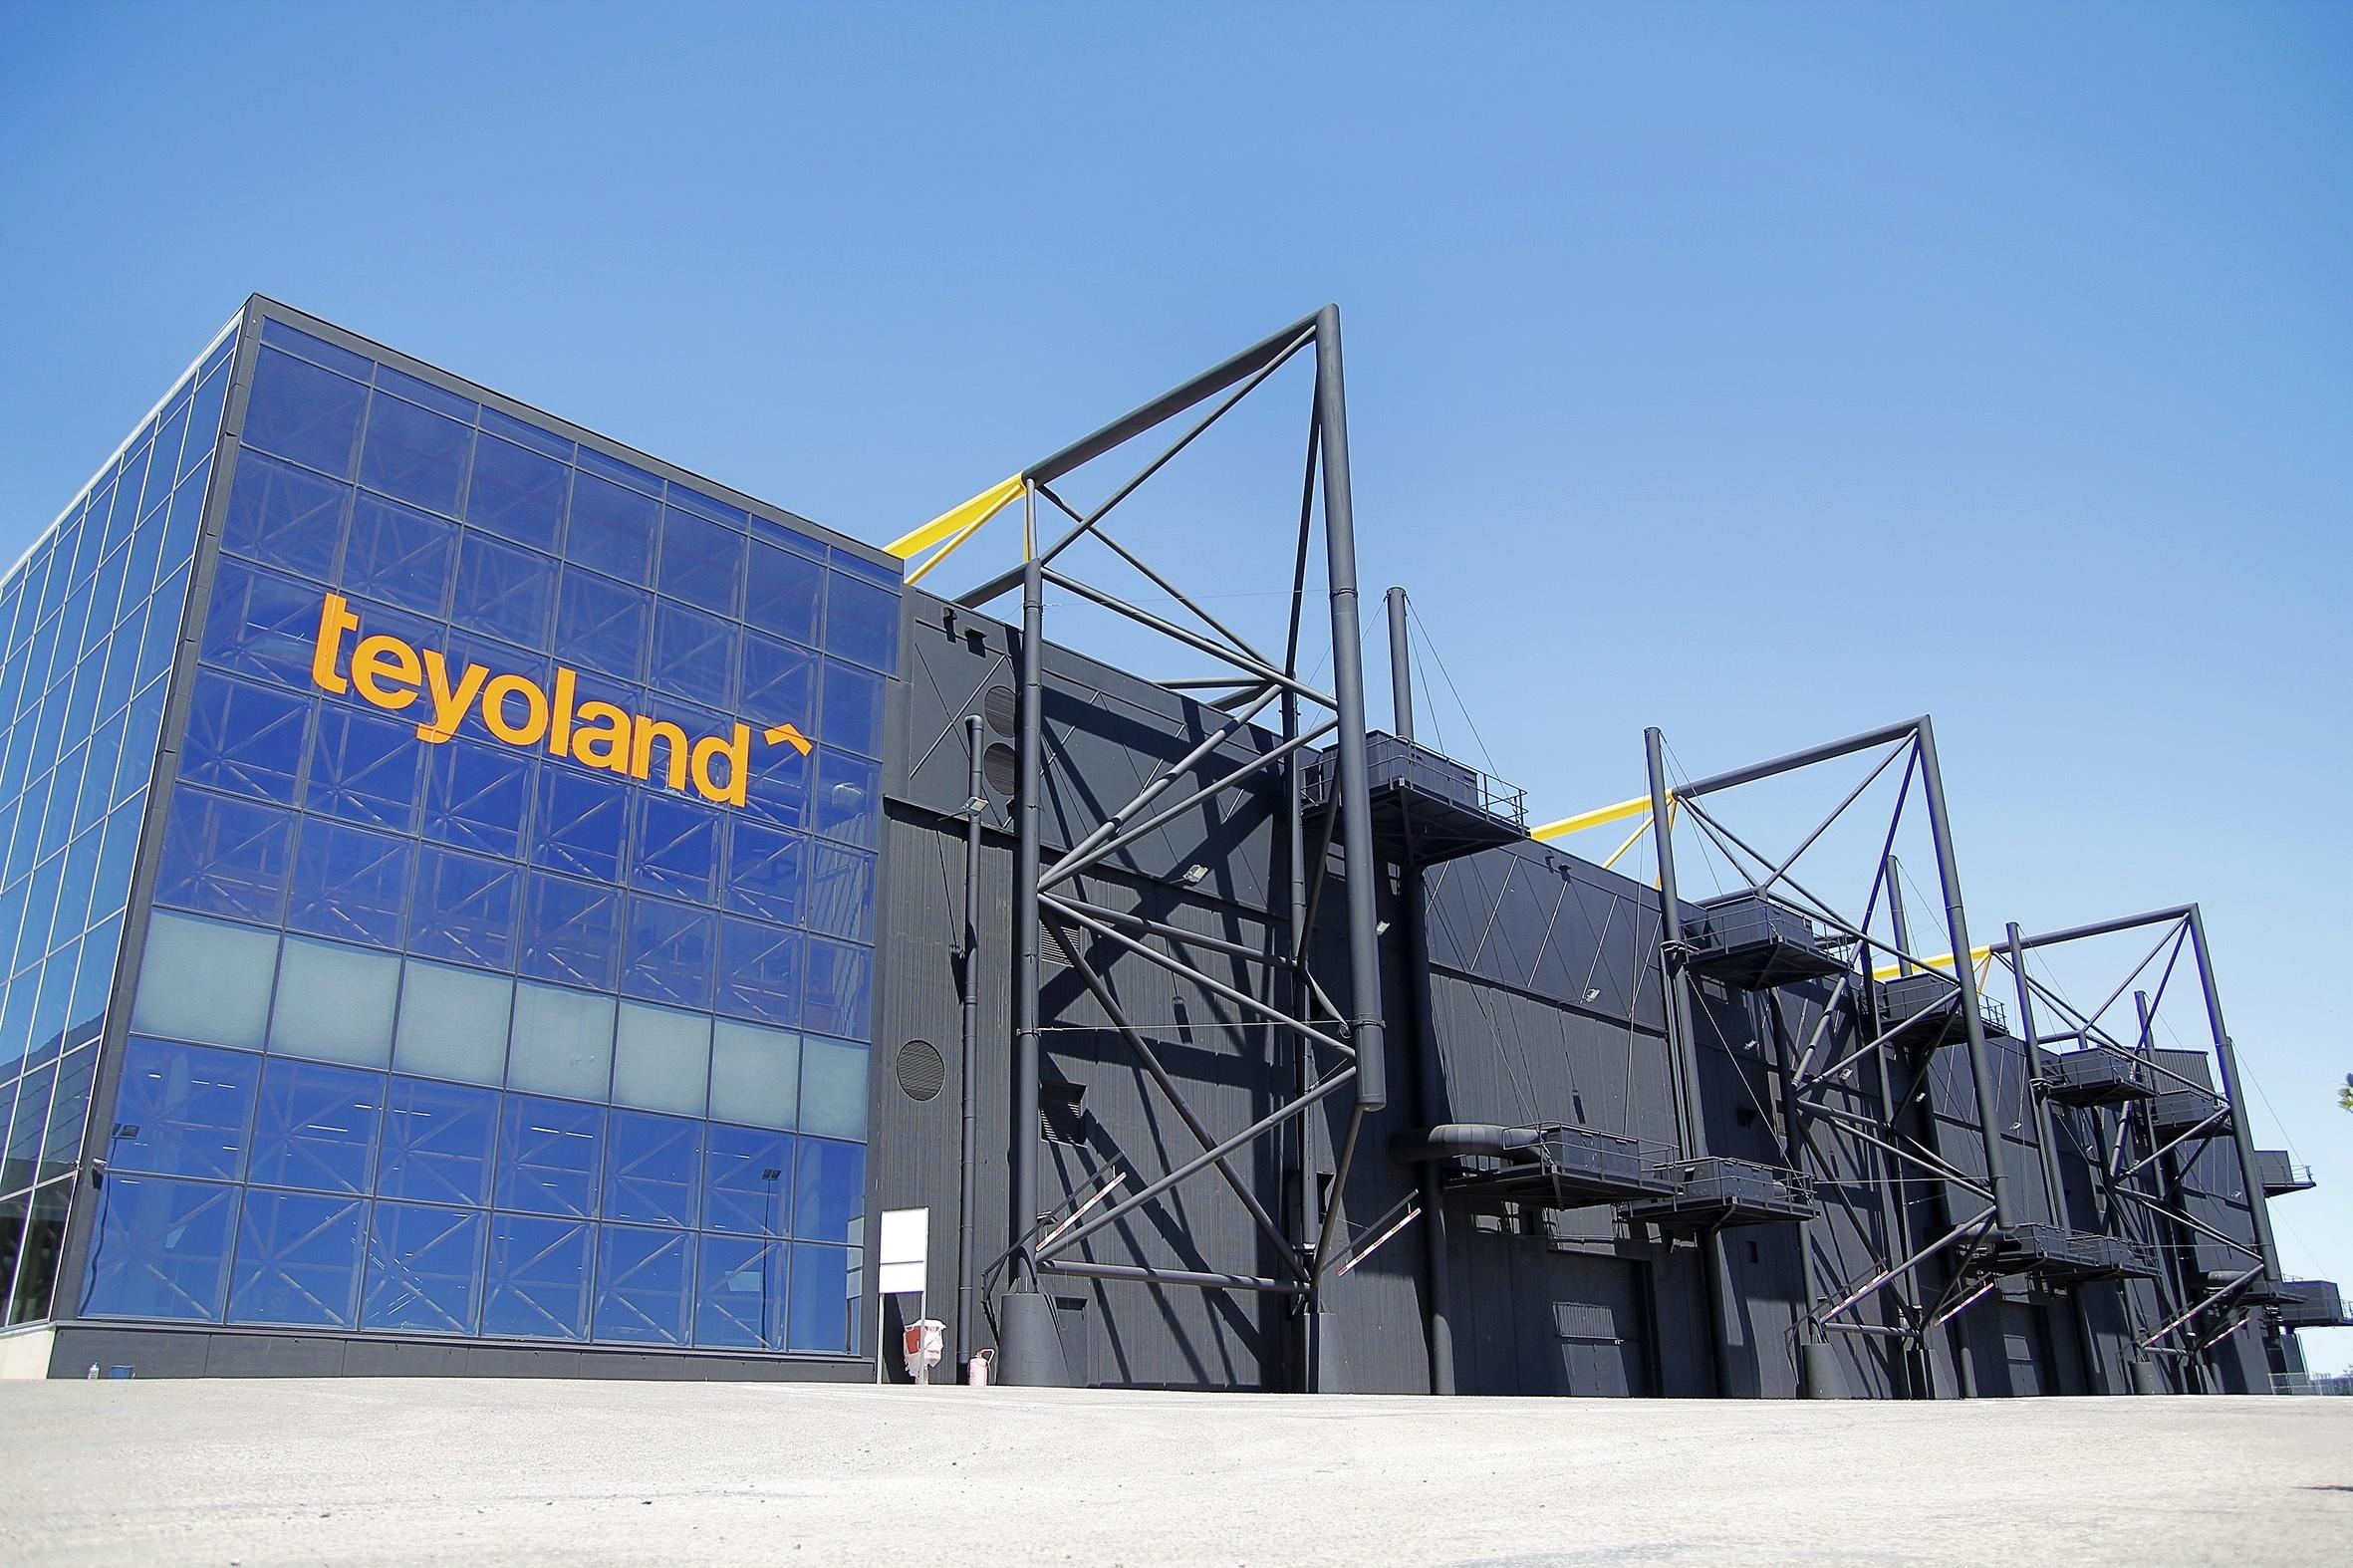 Teyoland contrata a 300 trabajadores para su tienda de Feria Valencia